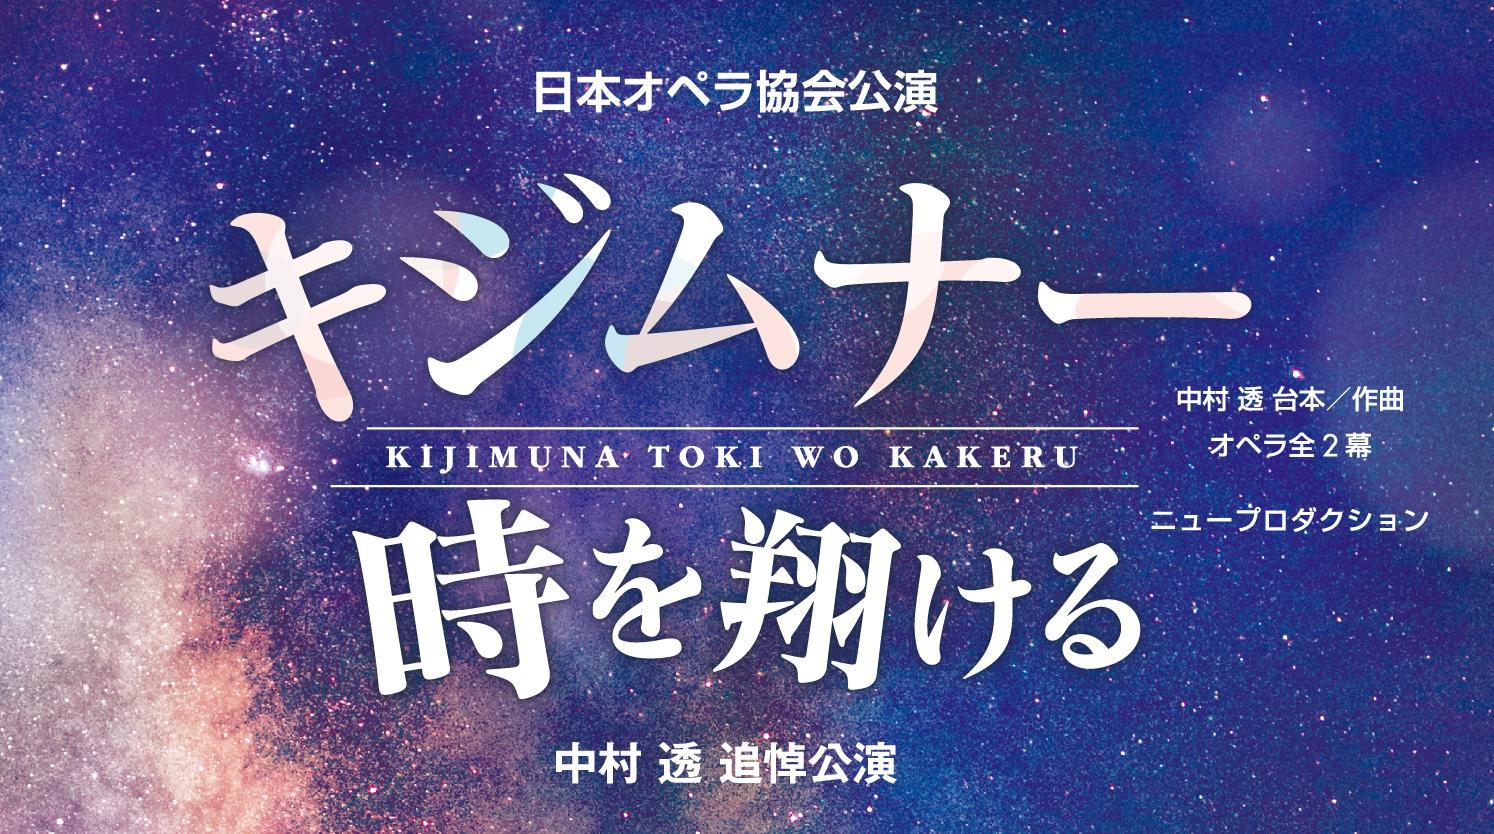 kijimuna_image.jpg